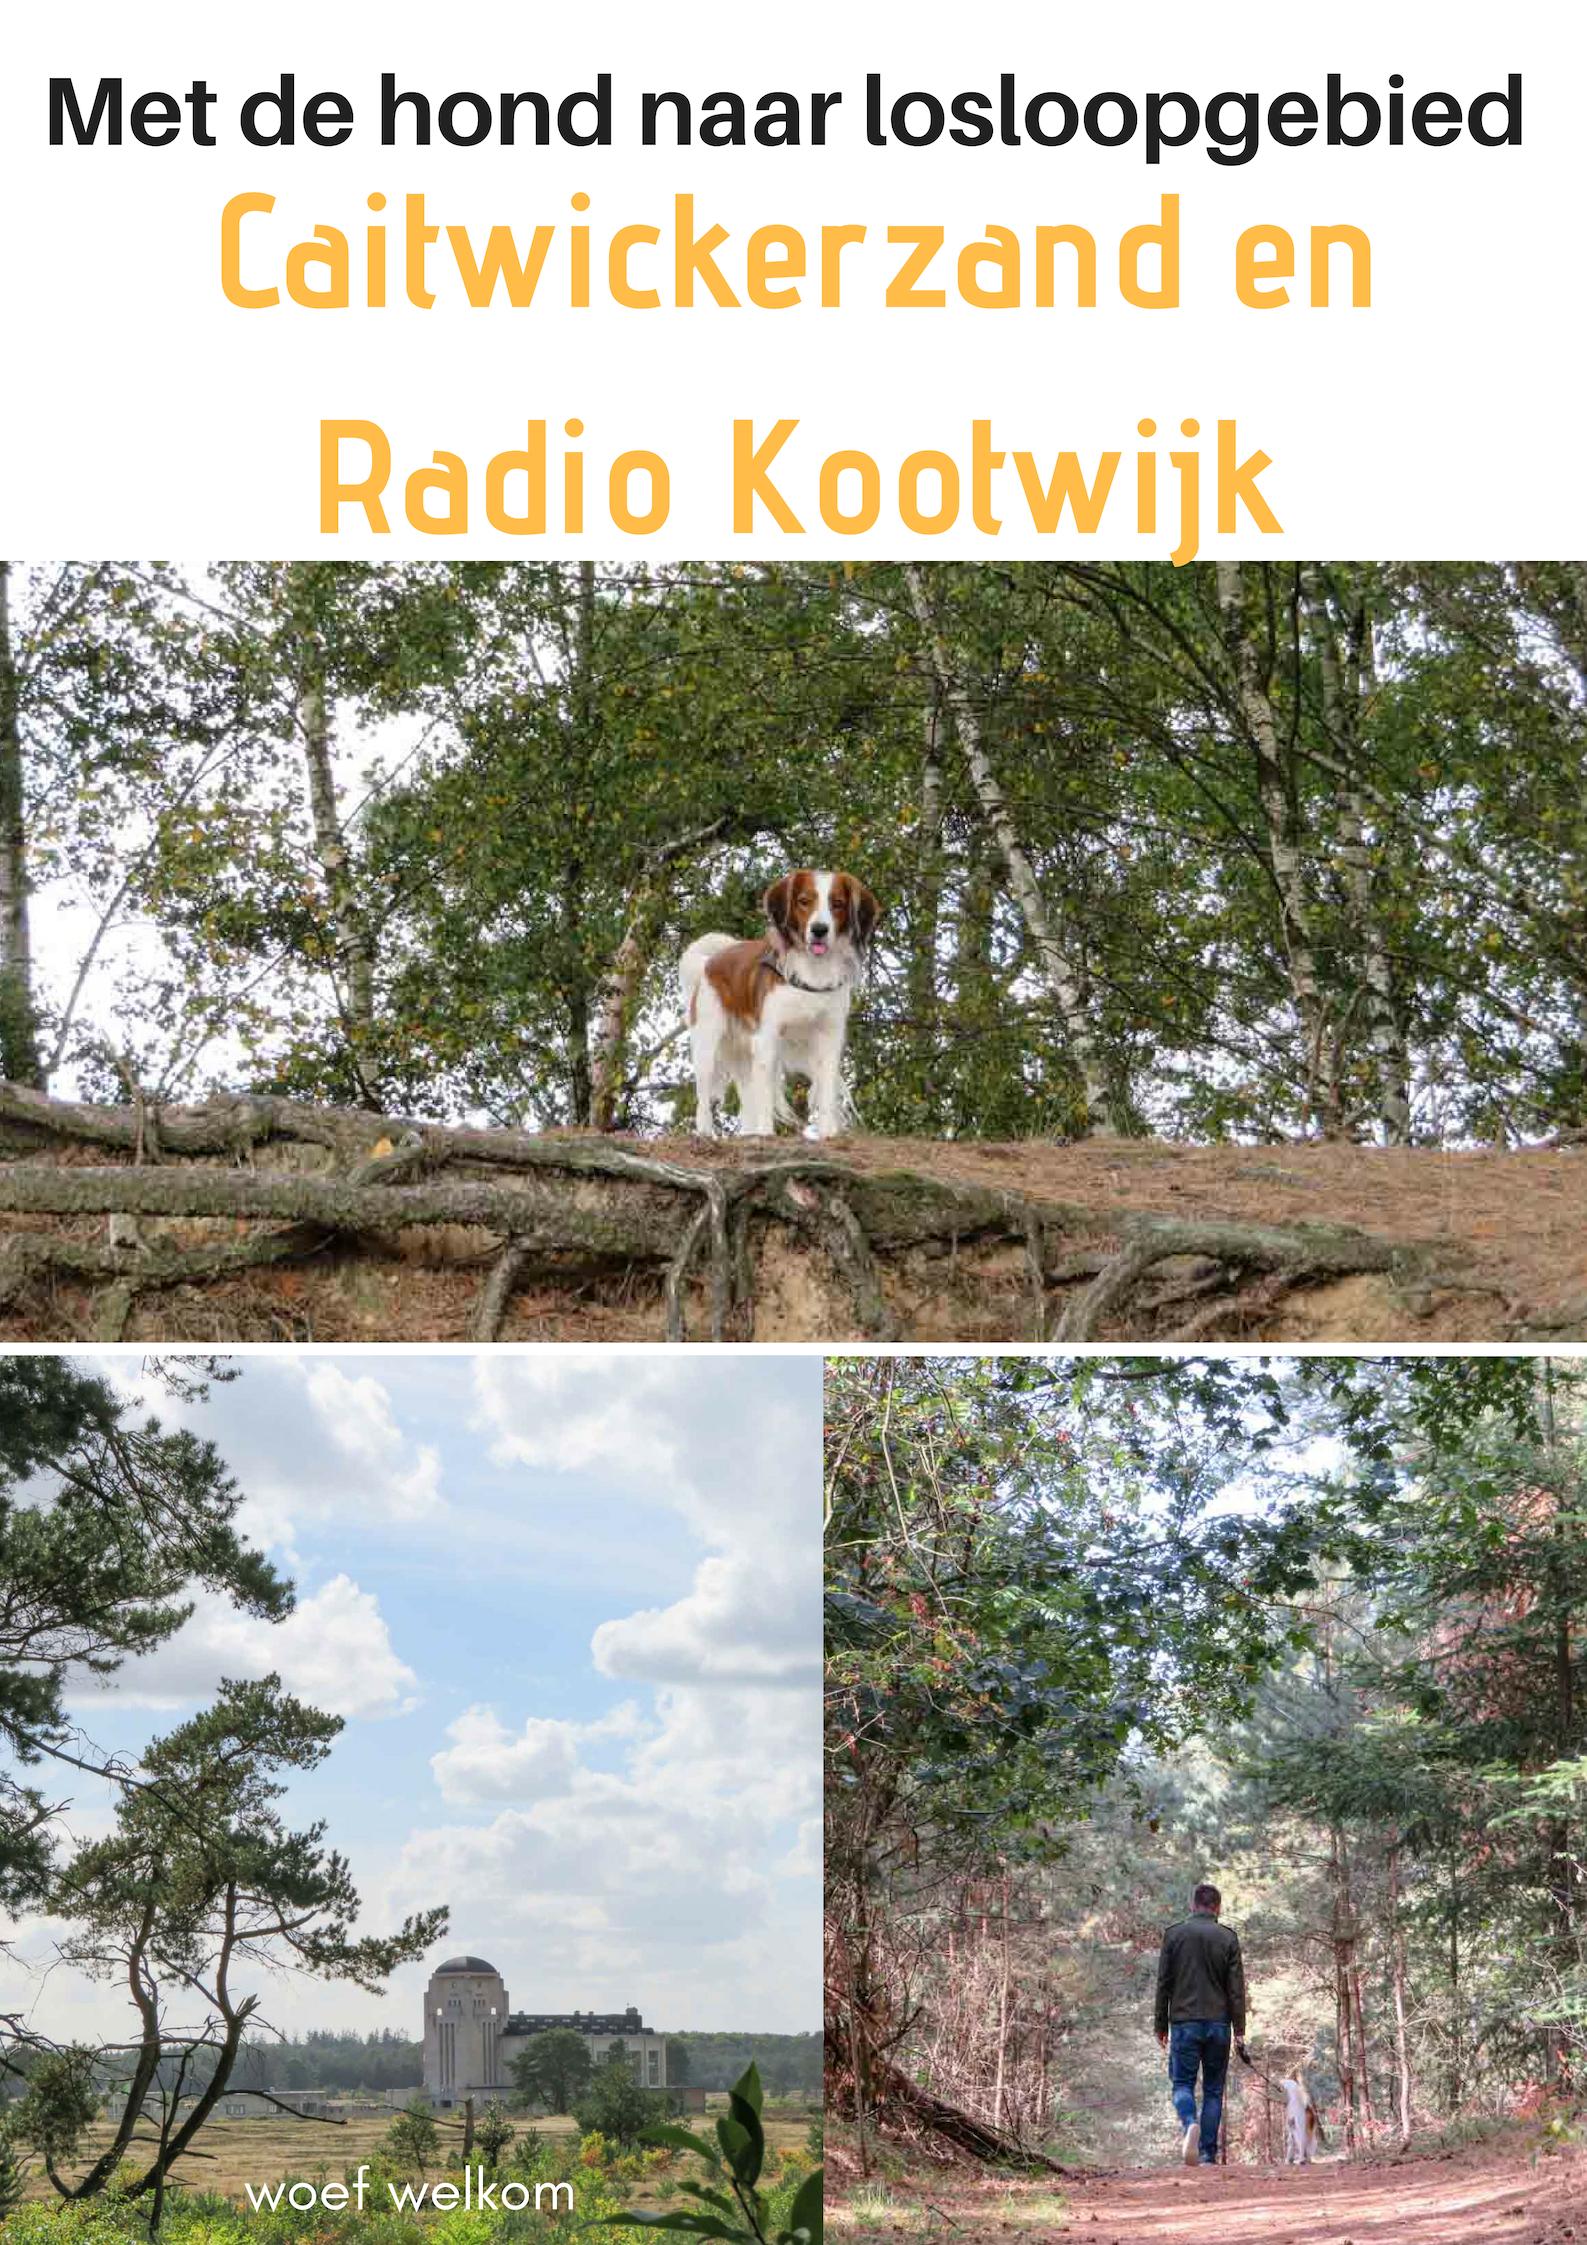 Met de hond naar losloopgebied Caitwickerzand en Radio Kootwijk - Woef Welkom